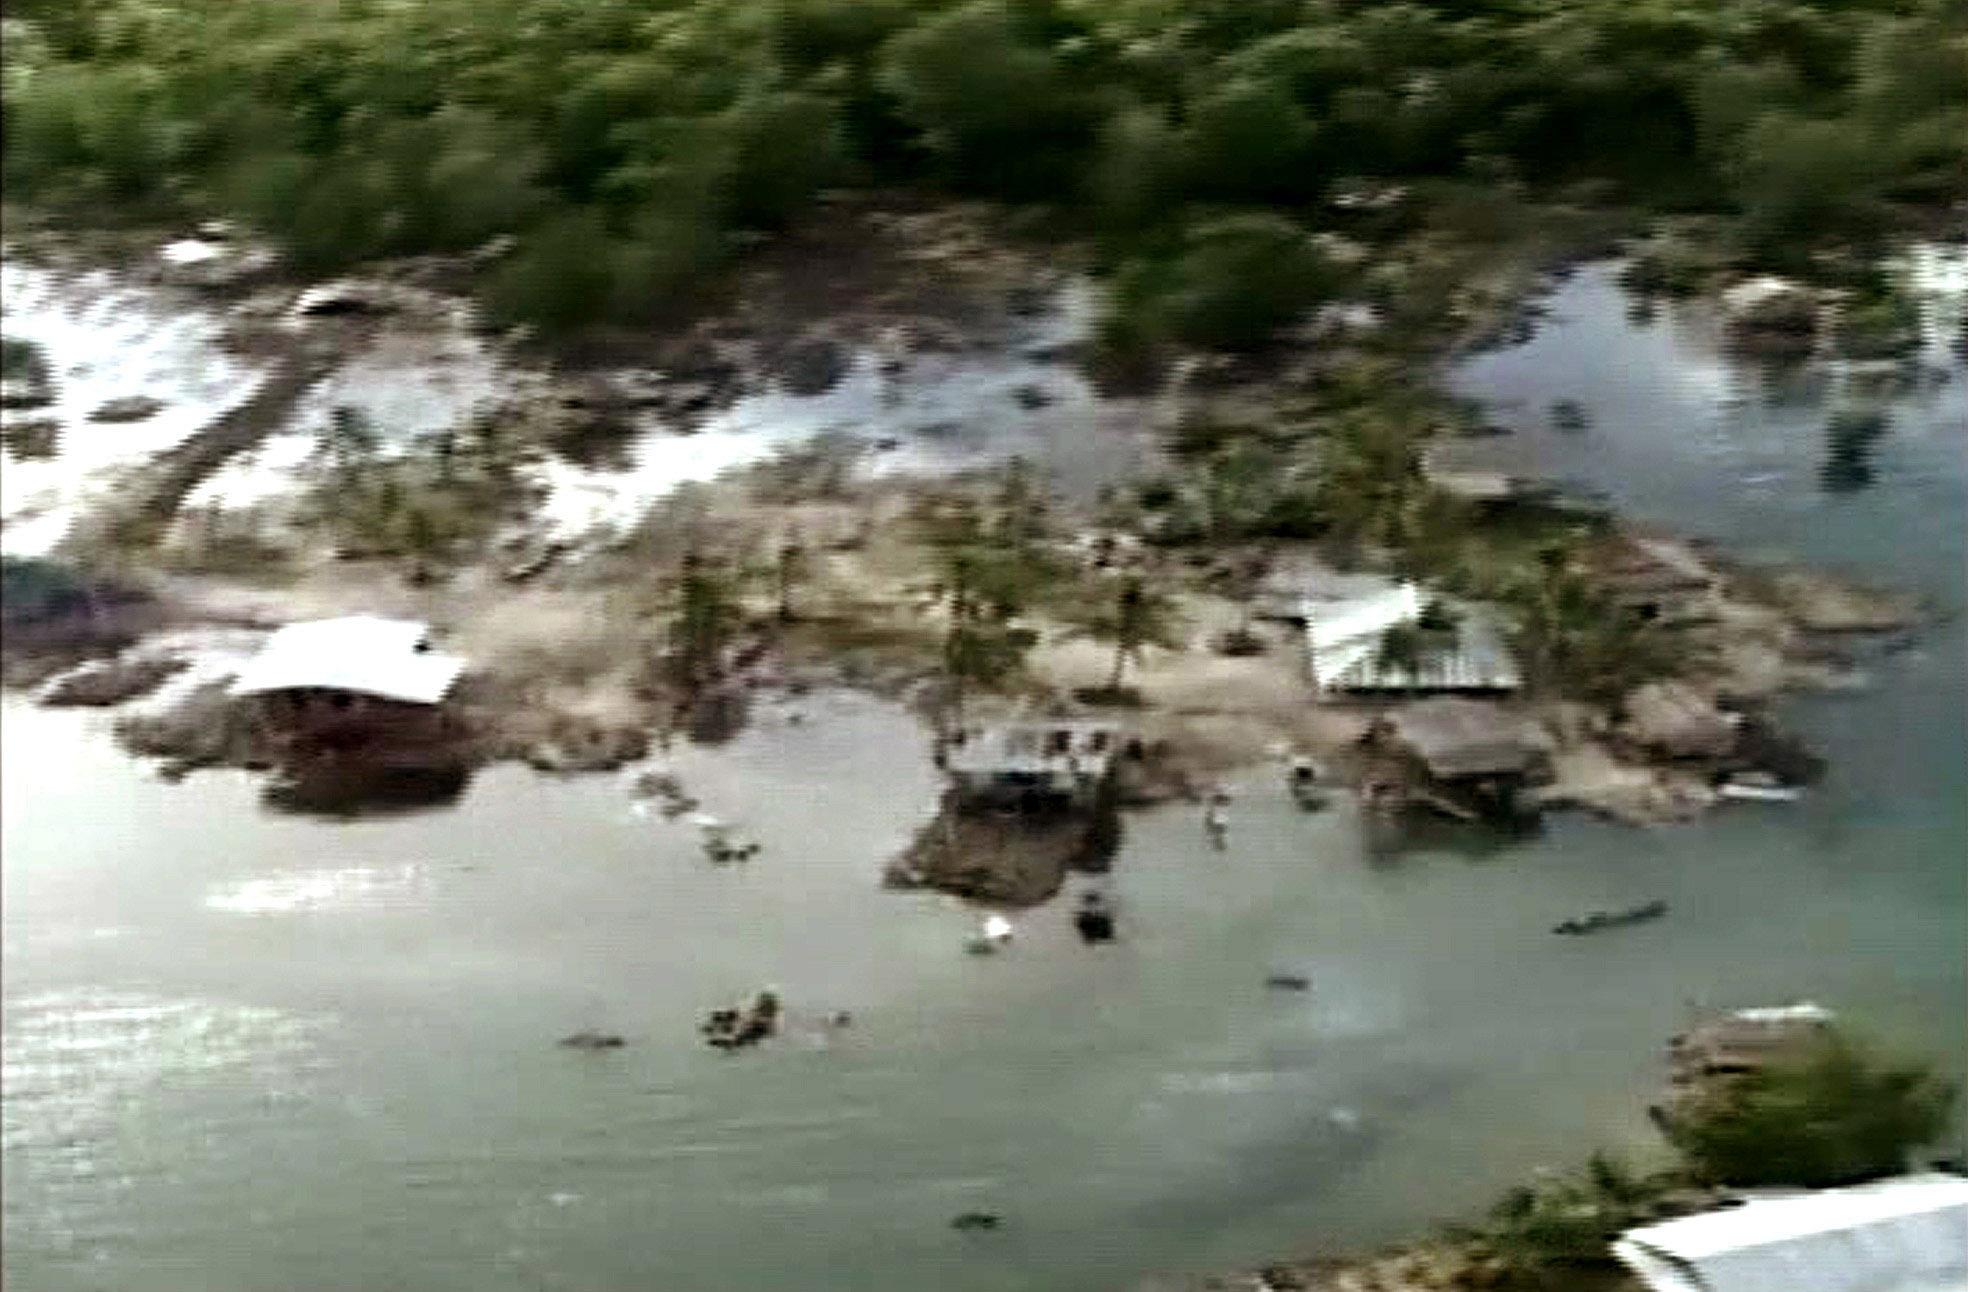 Εικόνες από τσουνάμι στην περιοχή το 2004 ΦΩΤΟ EUROKINISSI